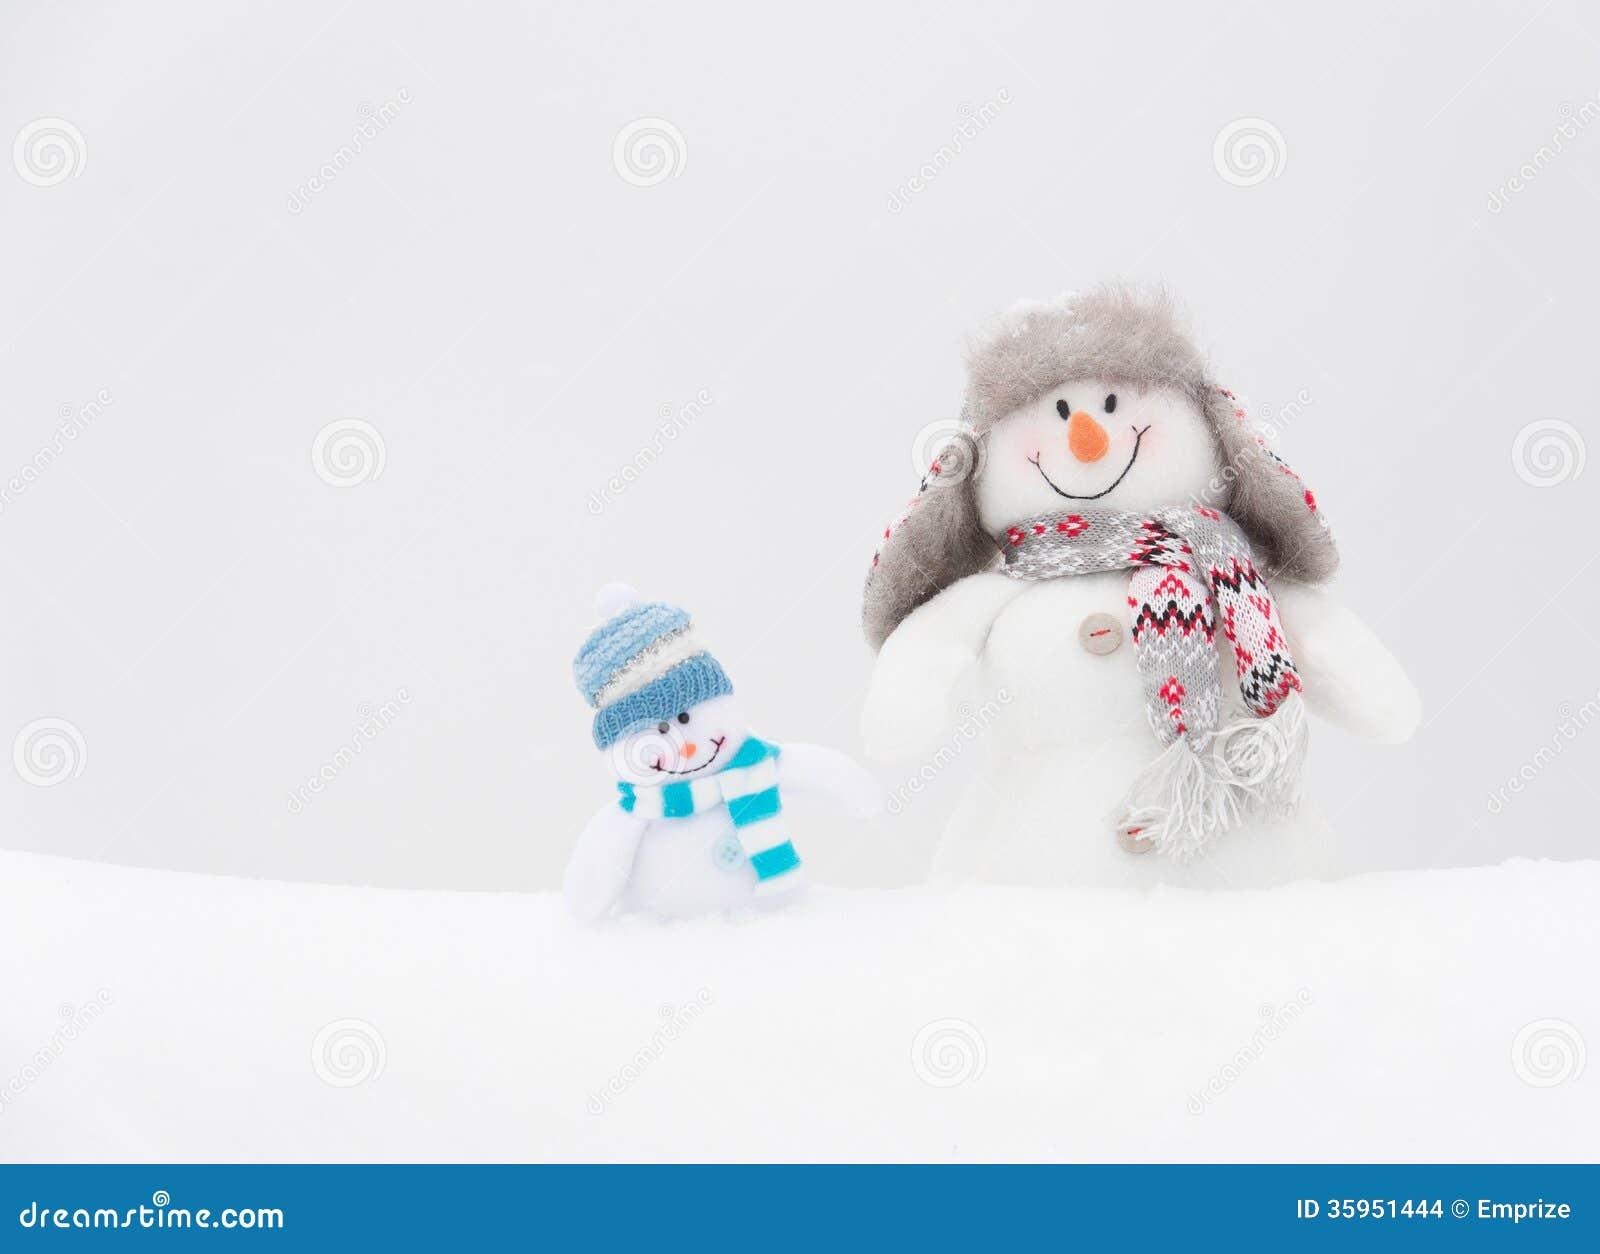 Muñecos de nieve felices familia o amigos del invierno